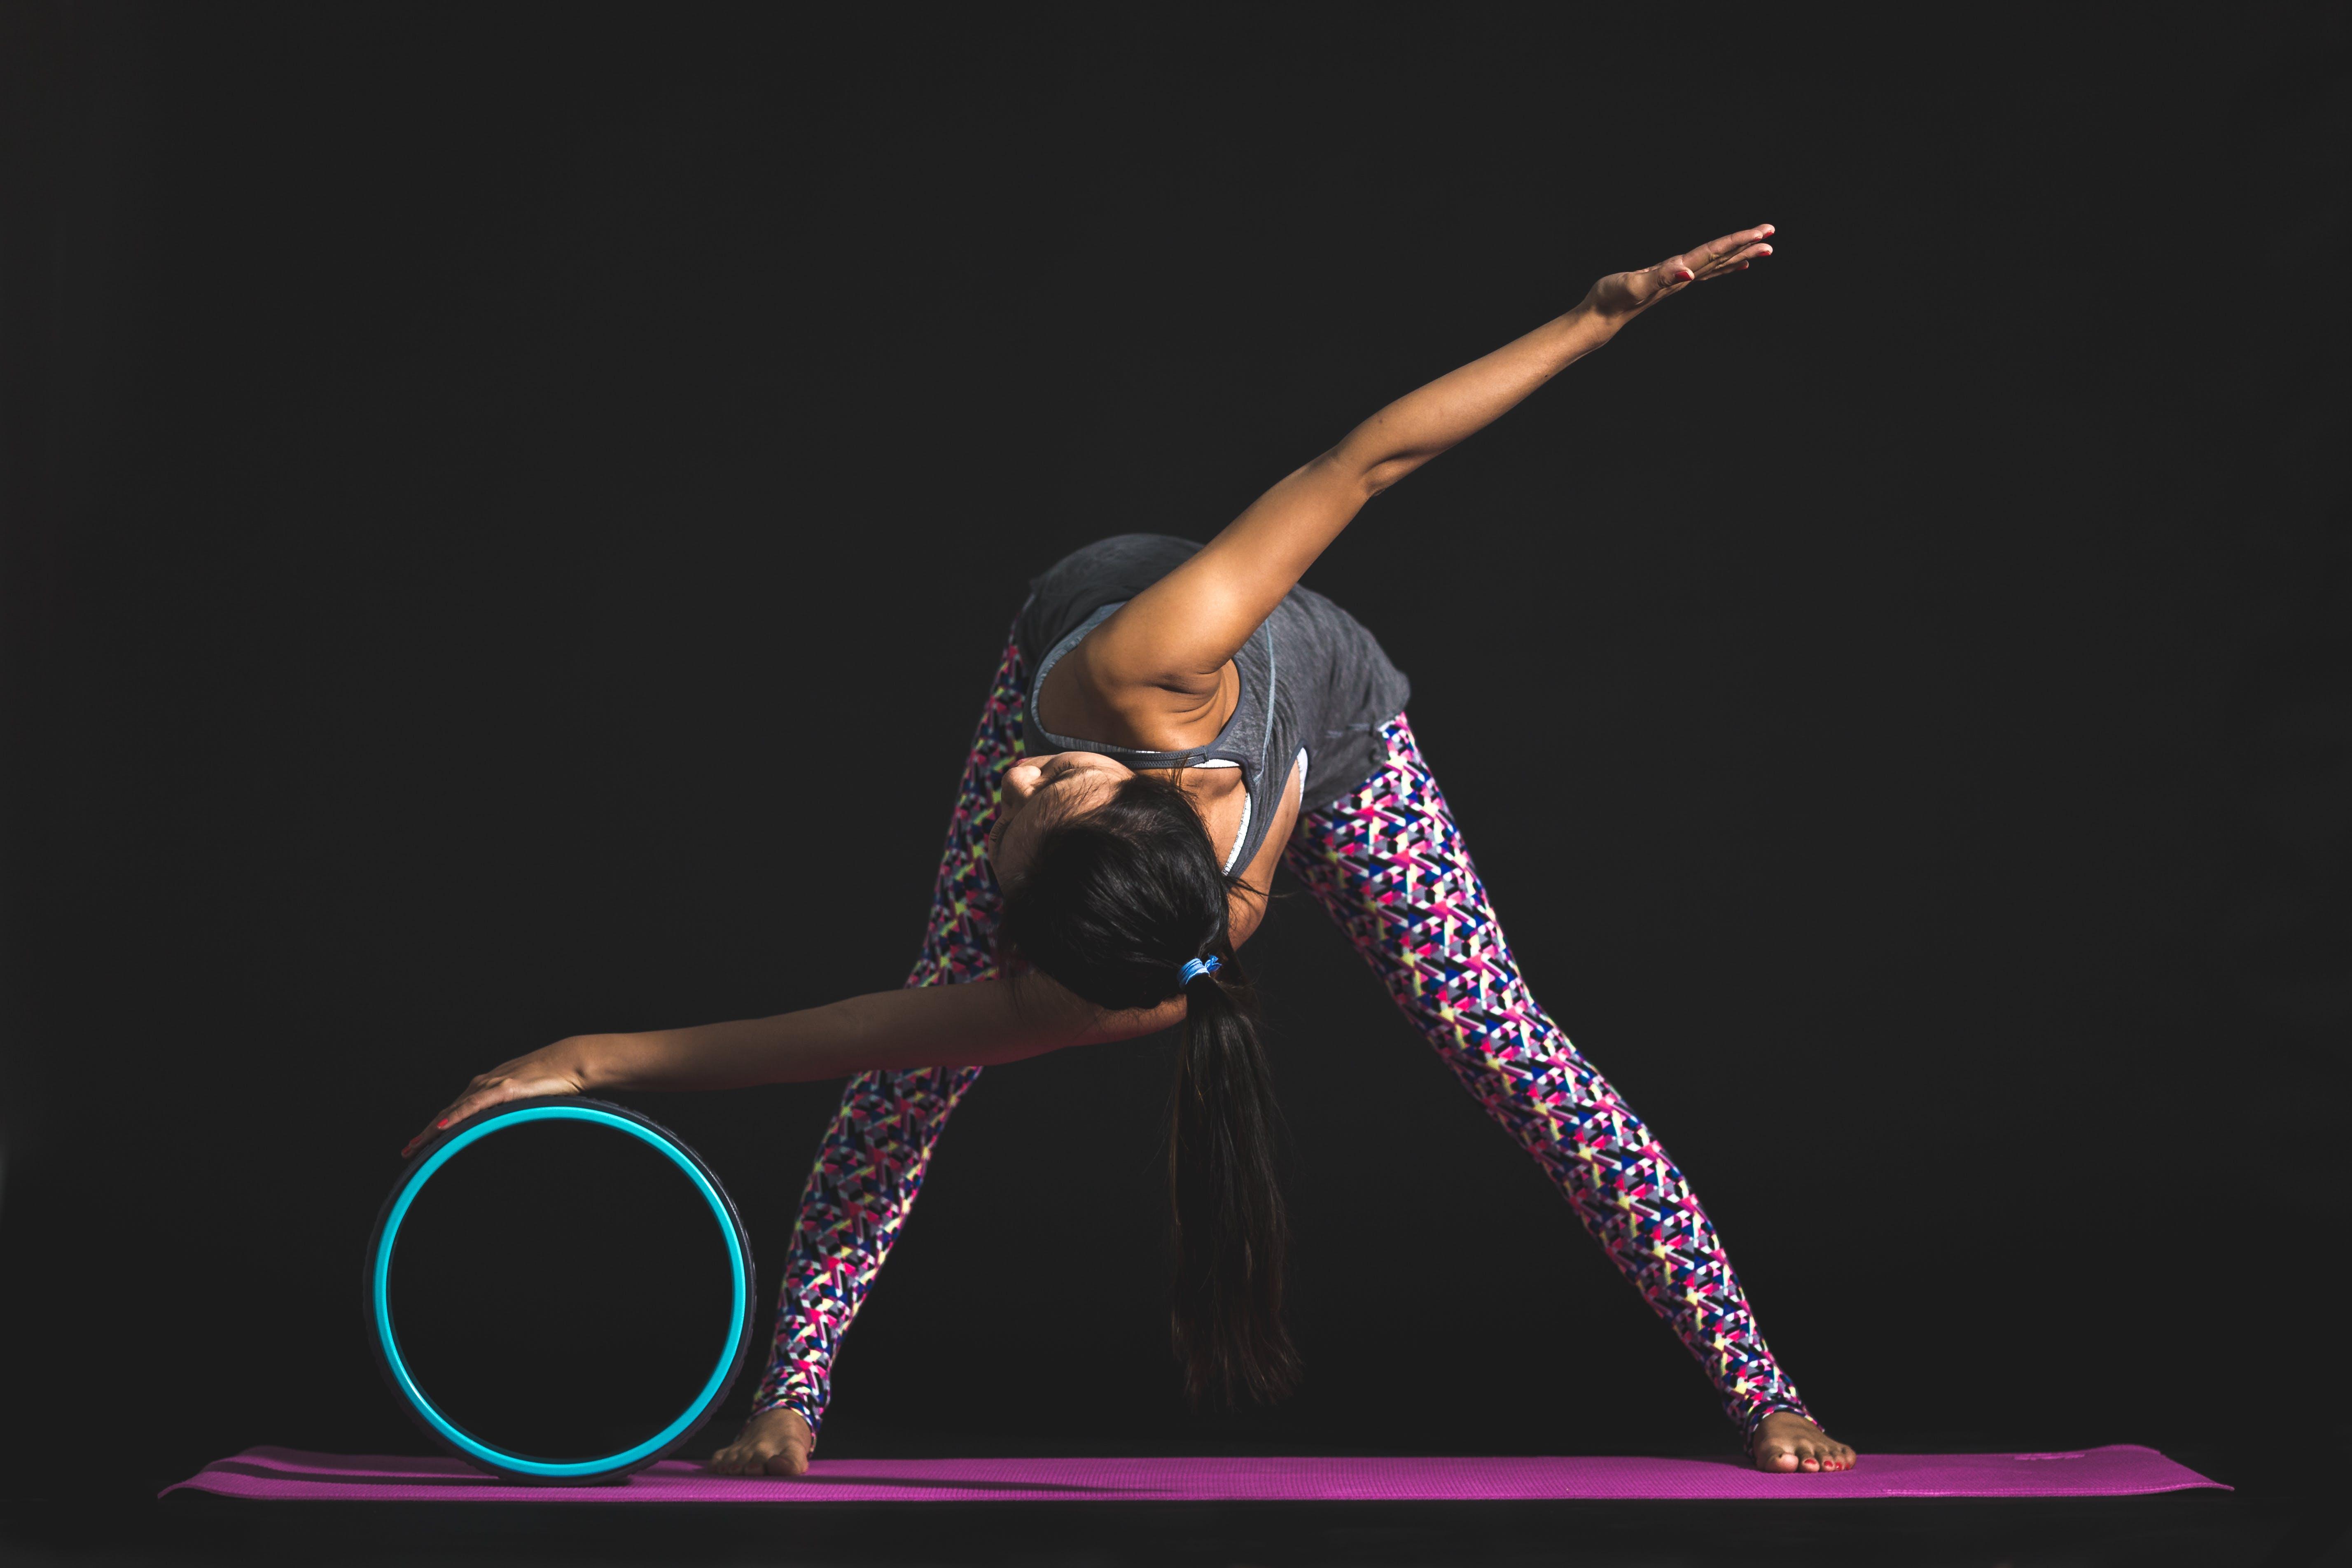 คลังภาพถ่ายฟรี ของ การออกกำลังกาย, กิจกรรม, คล่องตัว, ผู้หญิง